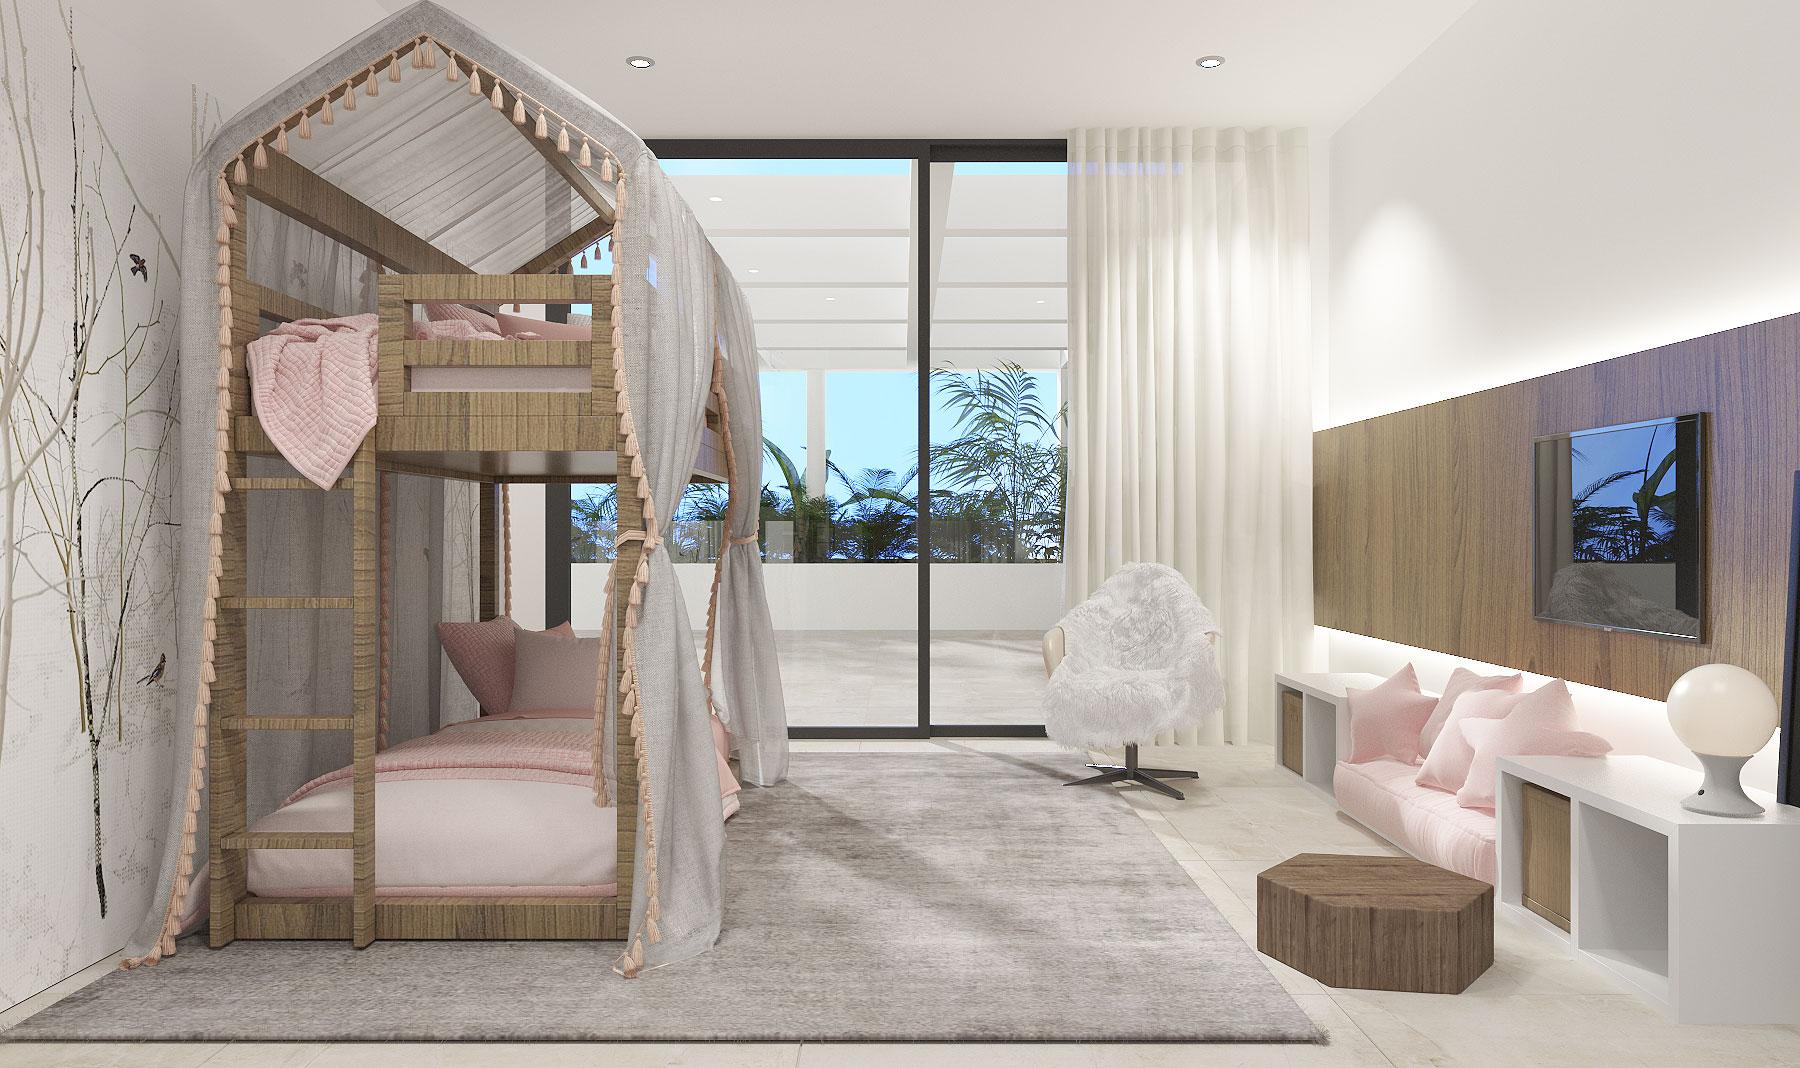 Child's Bedroom Loft Bed